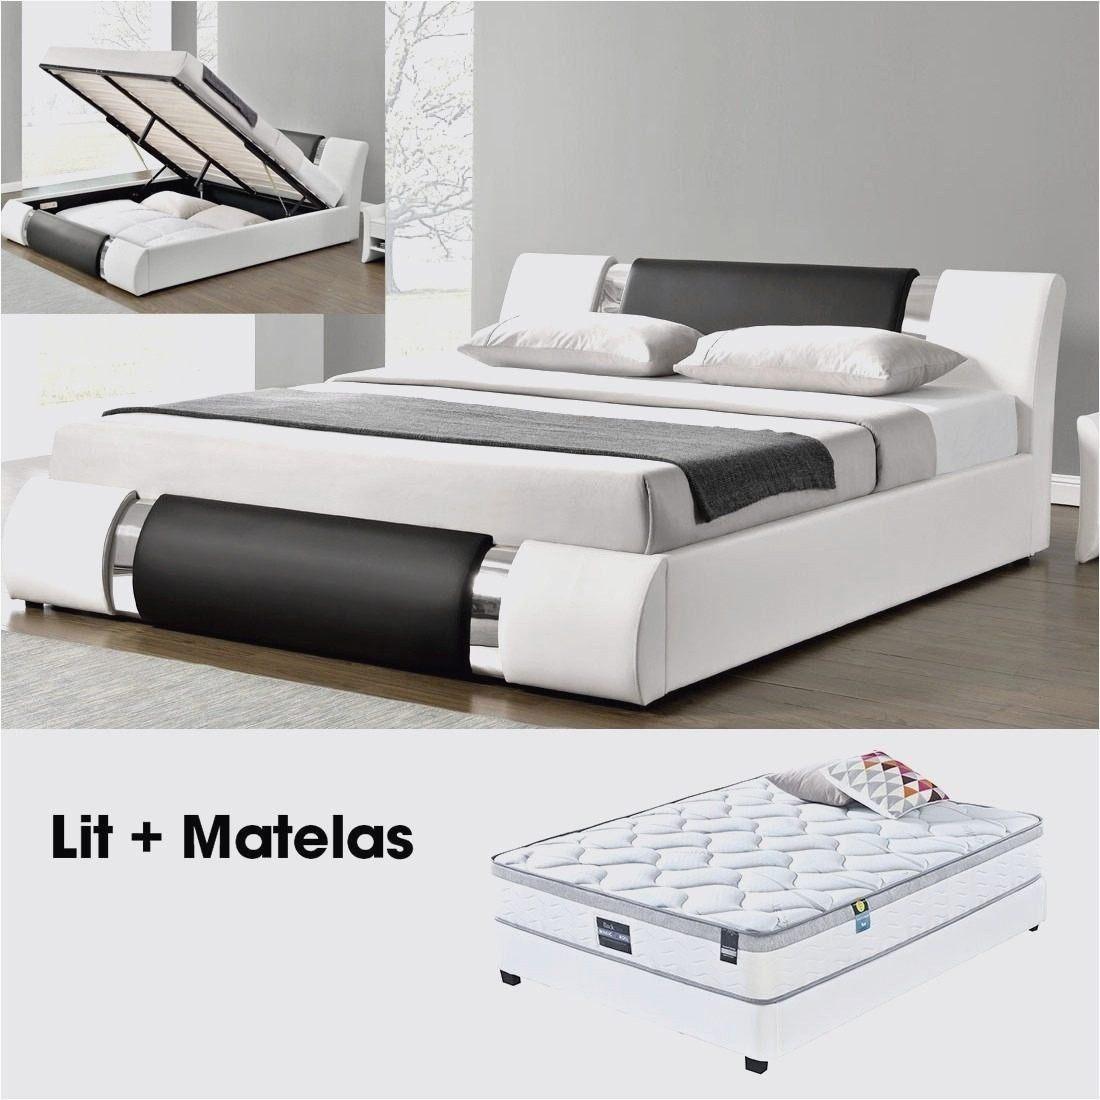 Lit Double Pas Cher Avec sommier Et Matelas Bel Lit Electrique Moins Cher Lit Relaxation électrique Tpr Prelude Lit